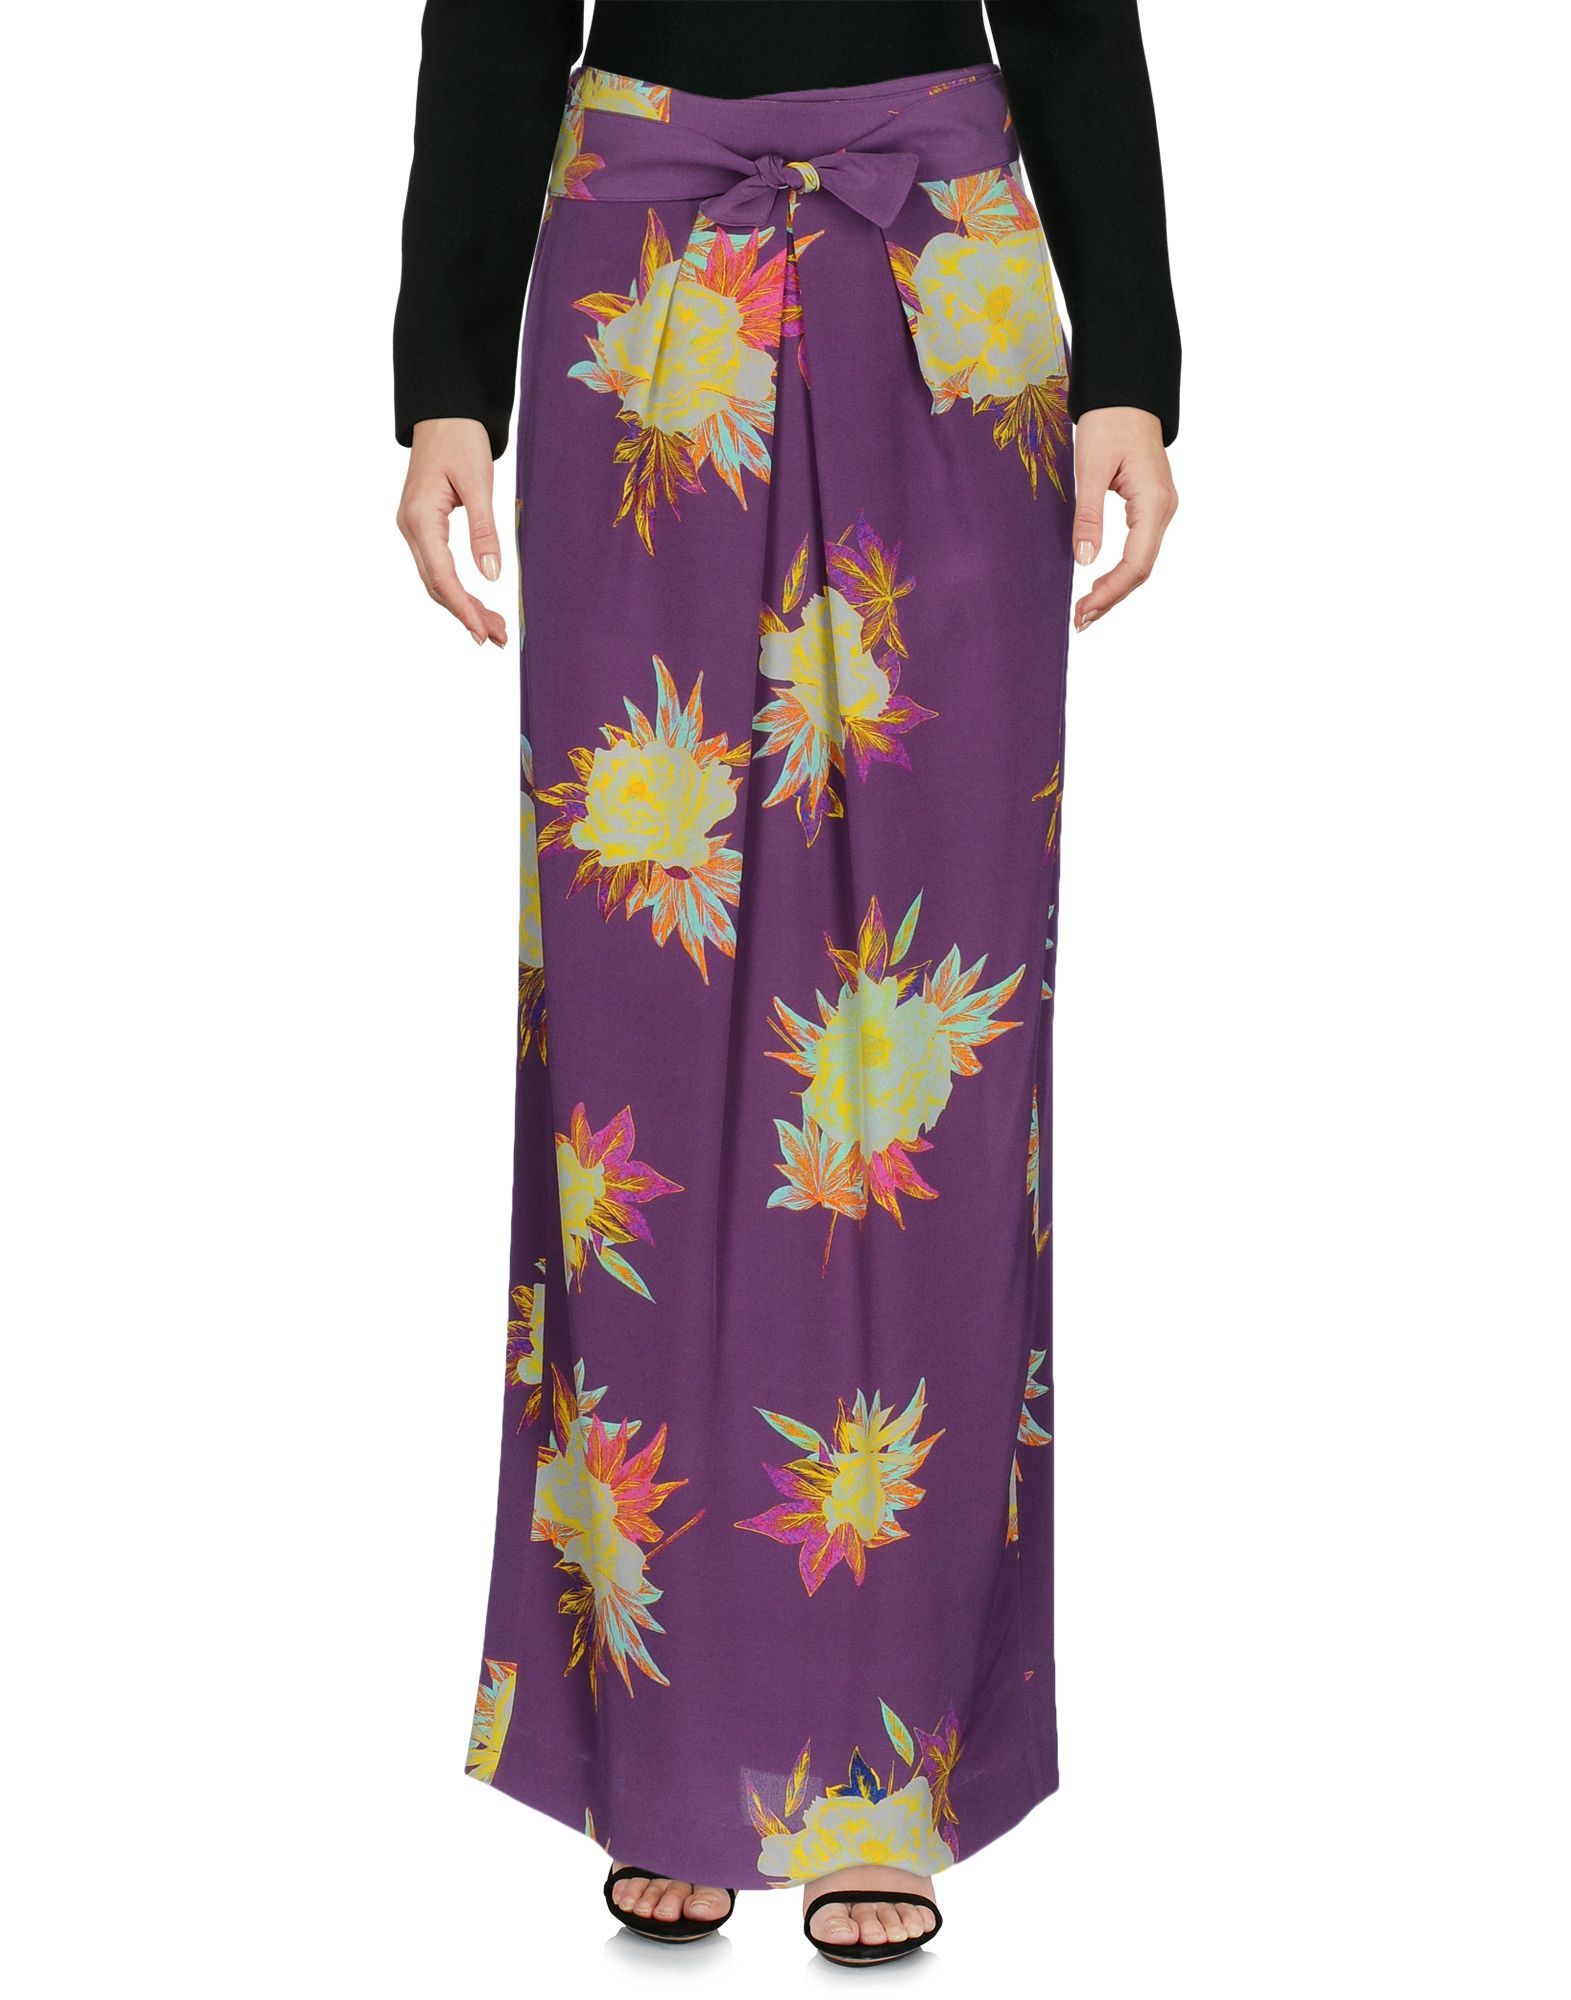 Купить длинную юбку Москва